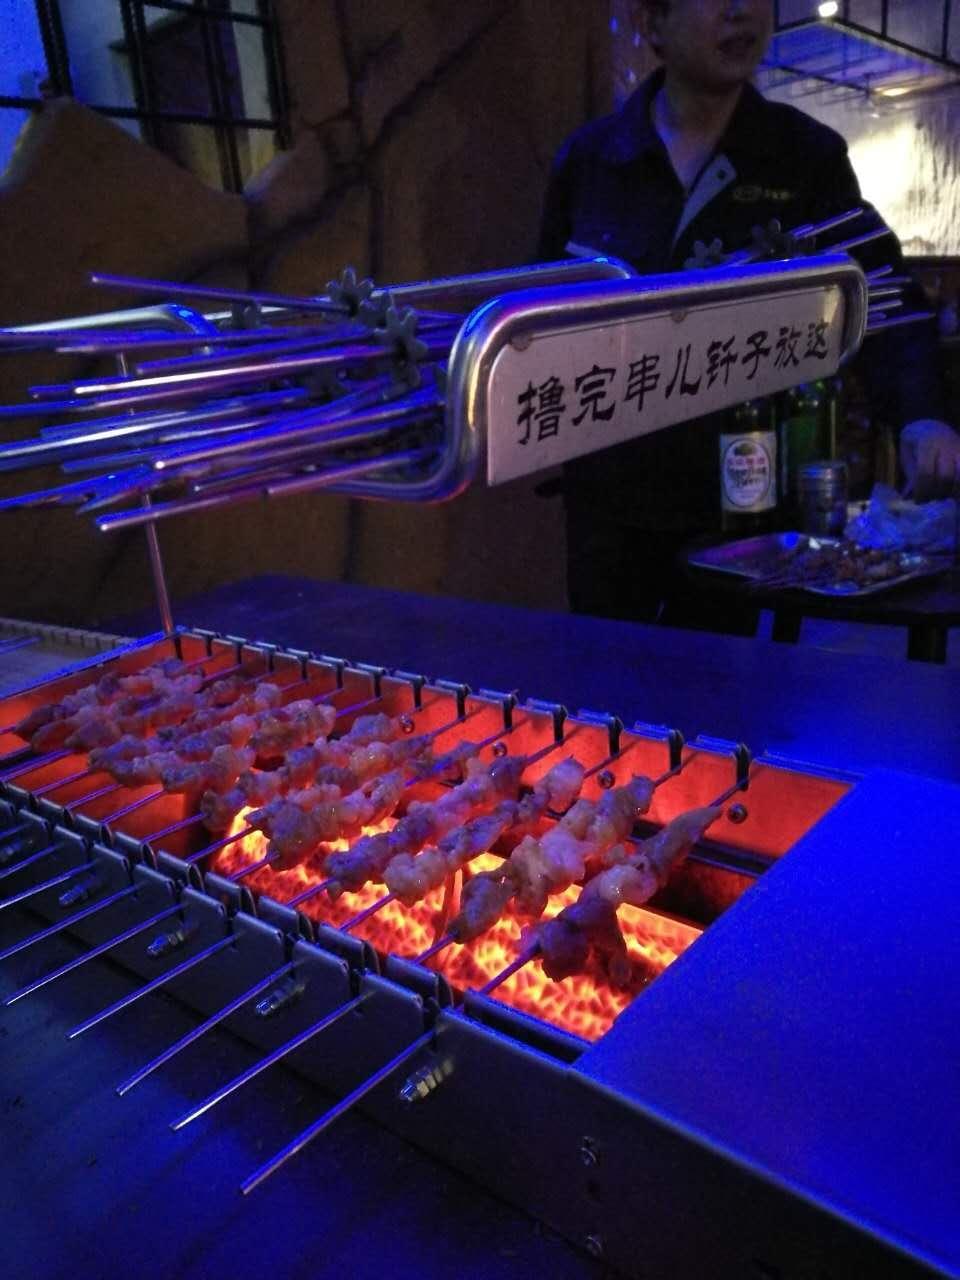 自动烤串机,自动翻转烤串机,烤串机厂家,自动烤串机厂家,